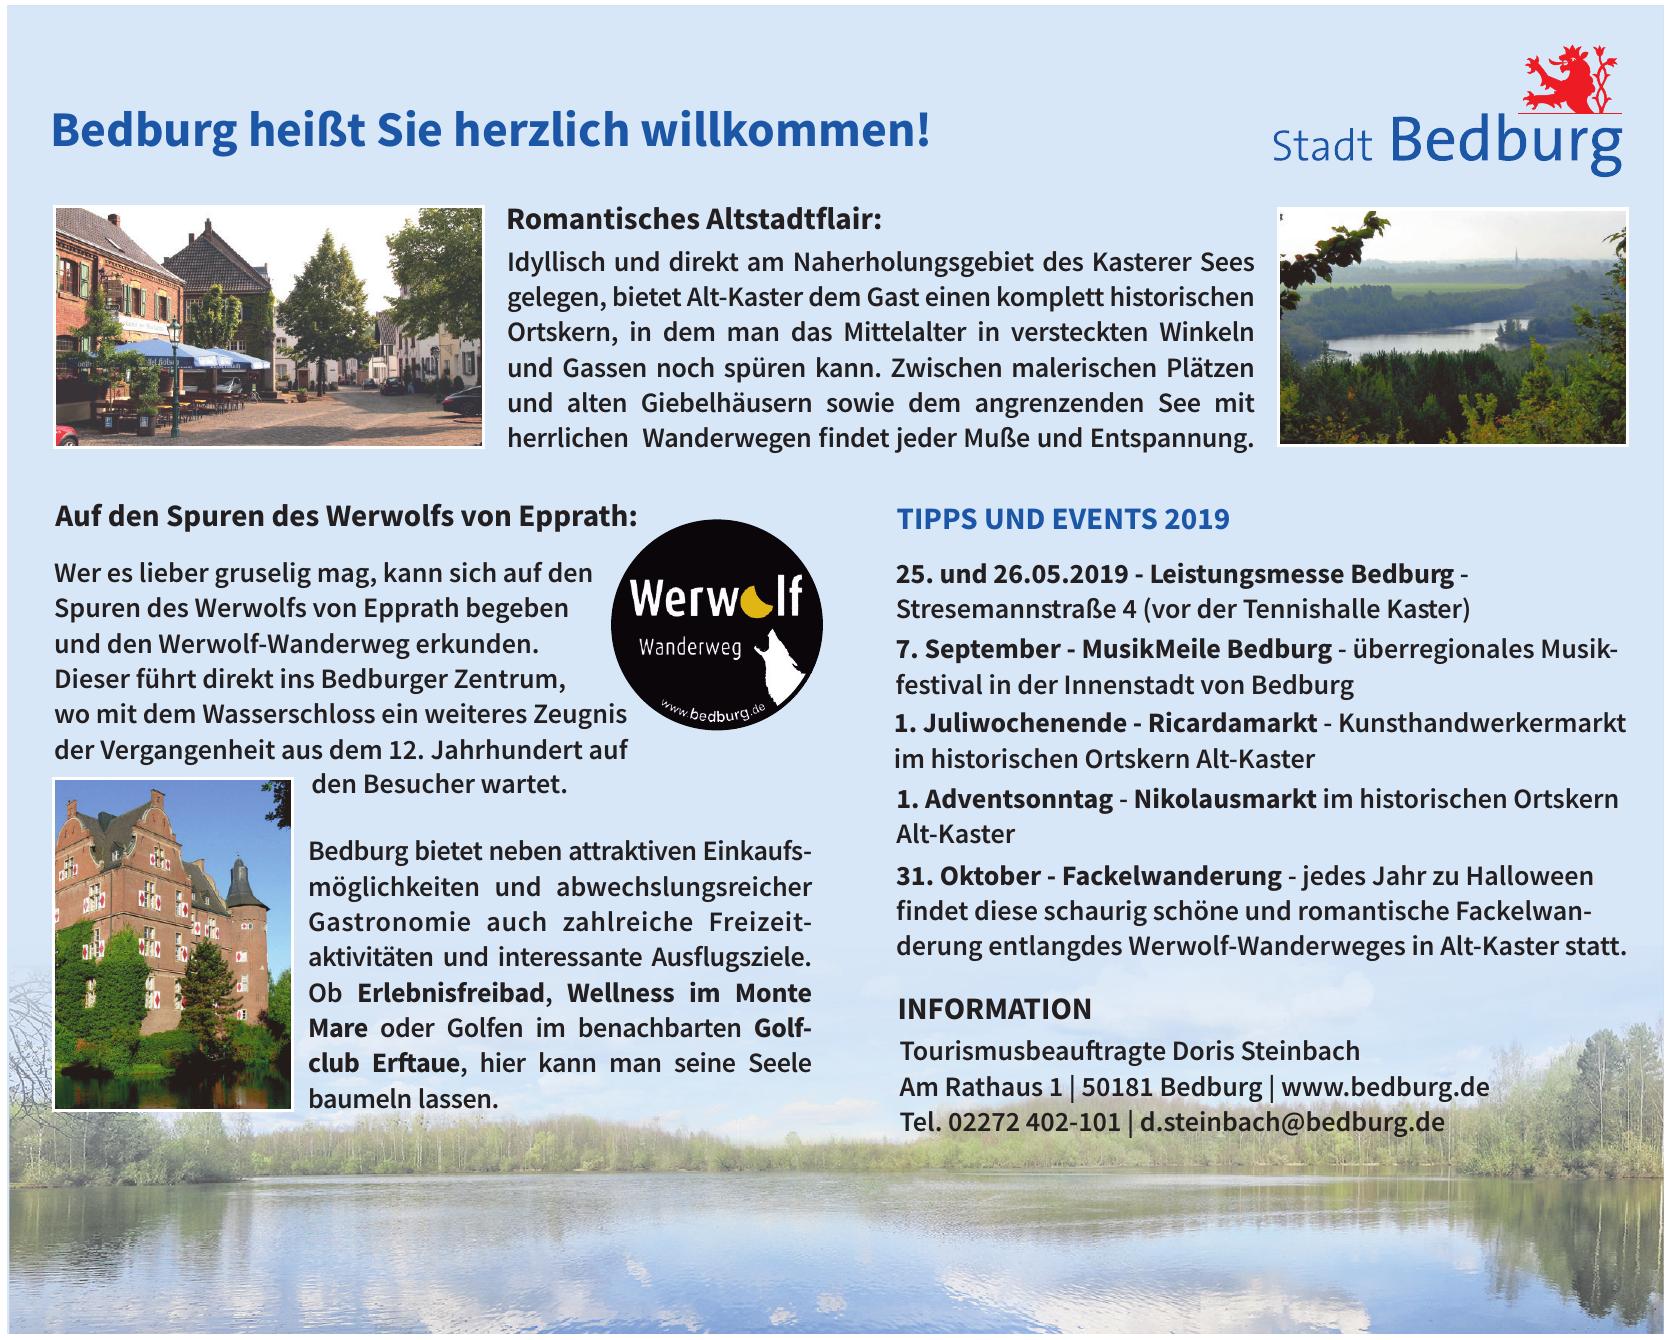 Stadt Bedburg - Tourismusbeafragte Doris Steinbach